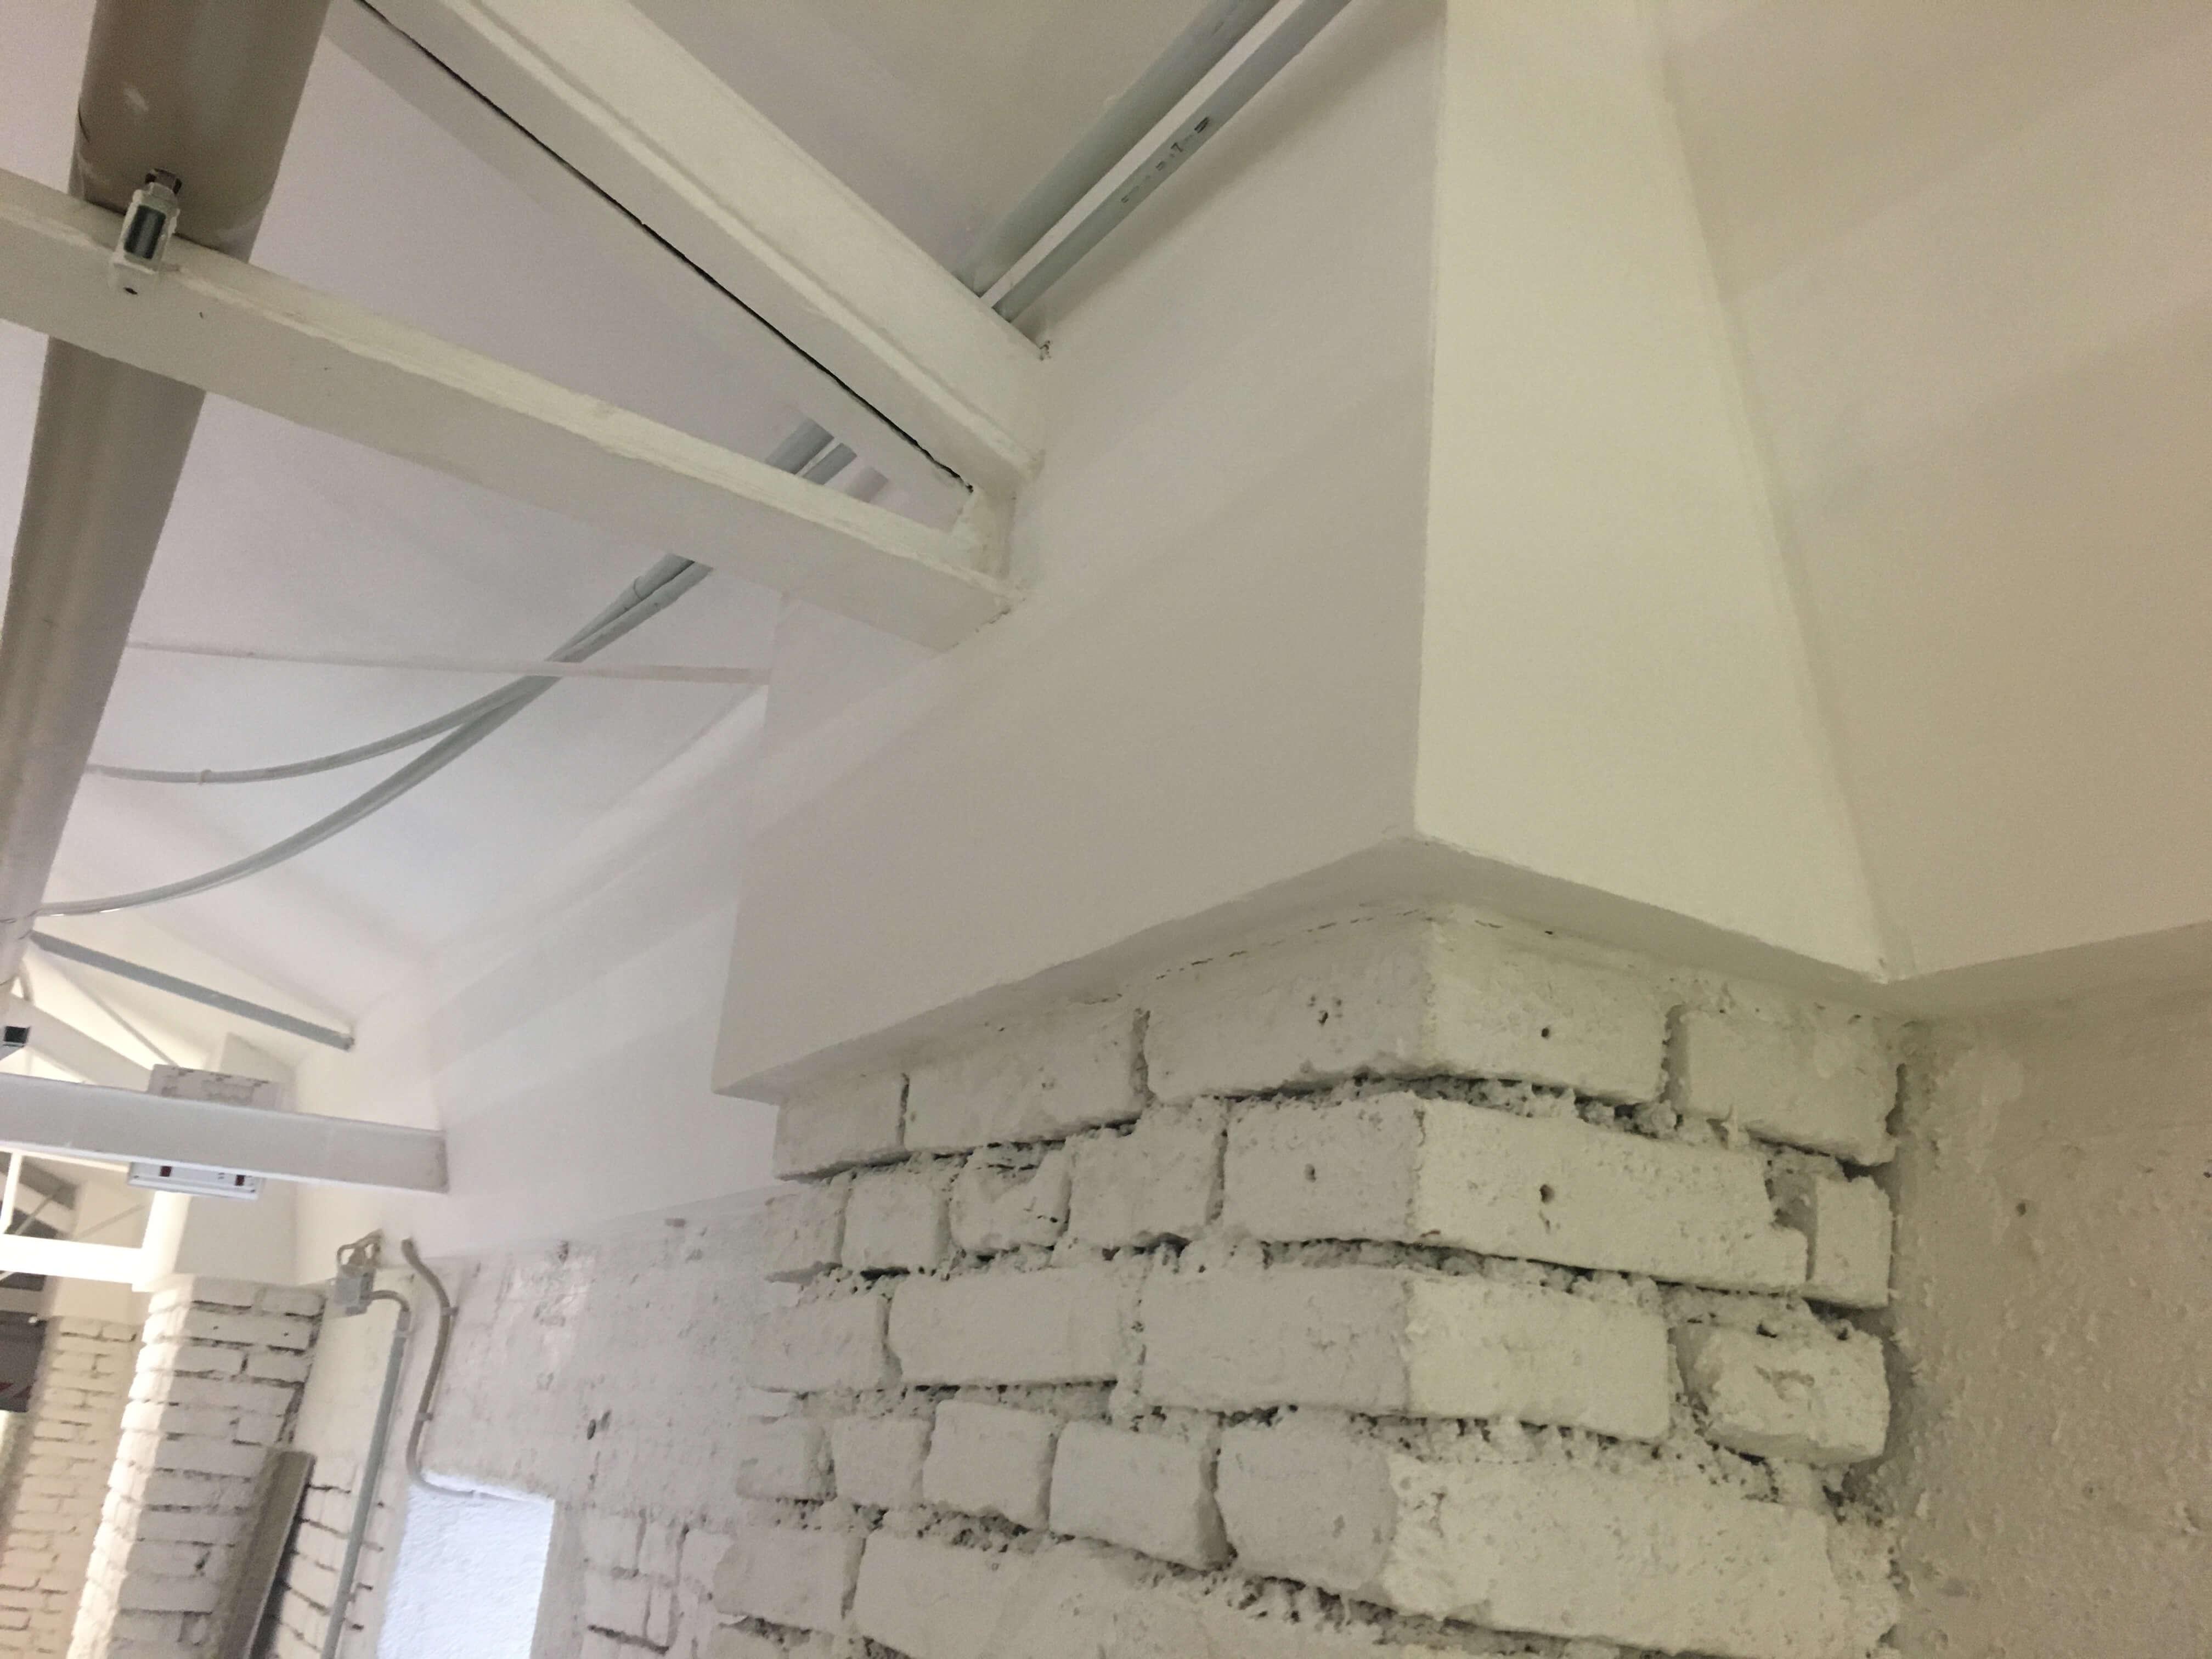 Außenküche Selber Bauen Unterkonstruktion : Terrassenüberdachung selber bauen schritt für schritt von design